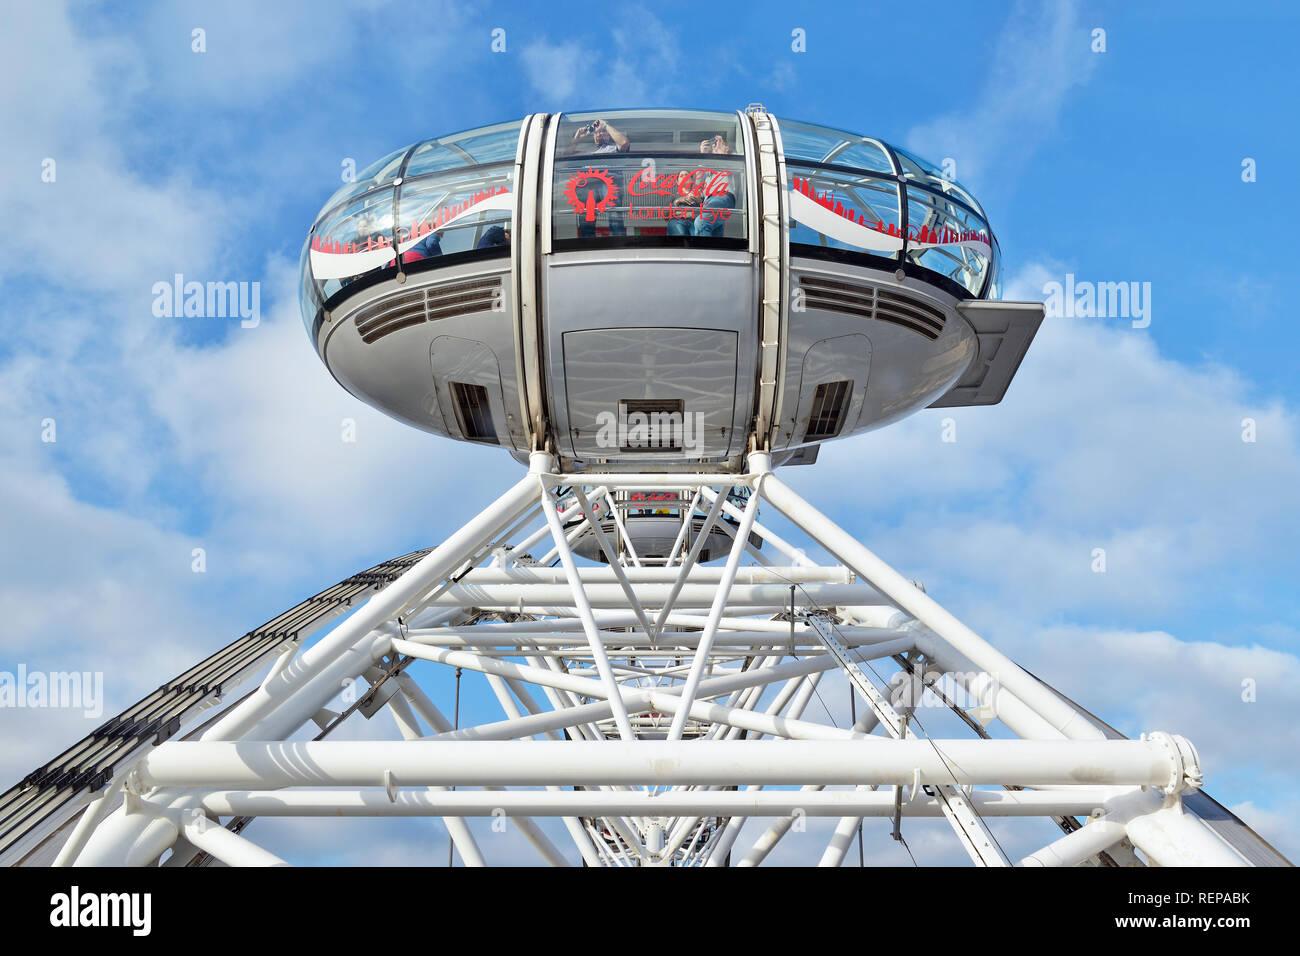 Kapsel auf dem London Eye, London, England, Vereinigtes Königreich Stockbild